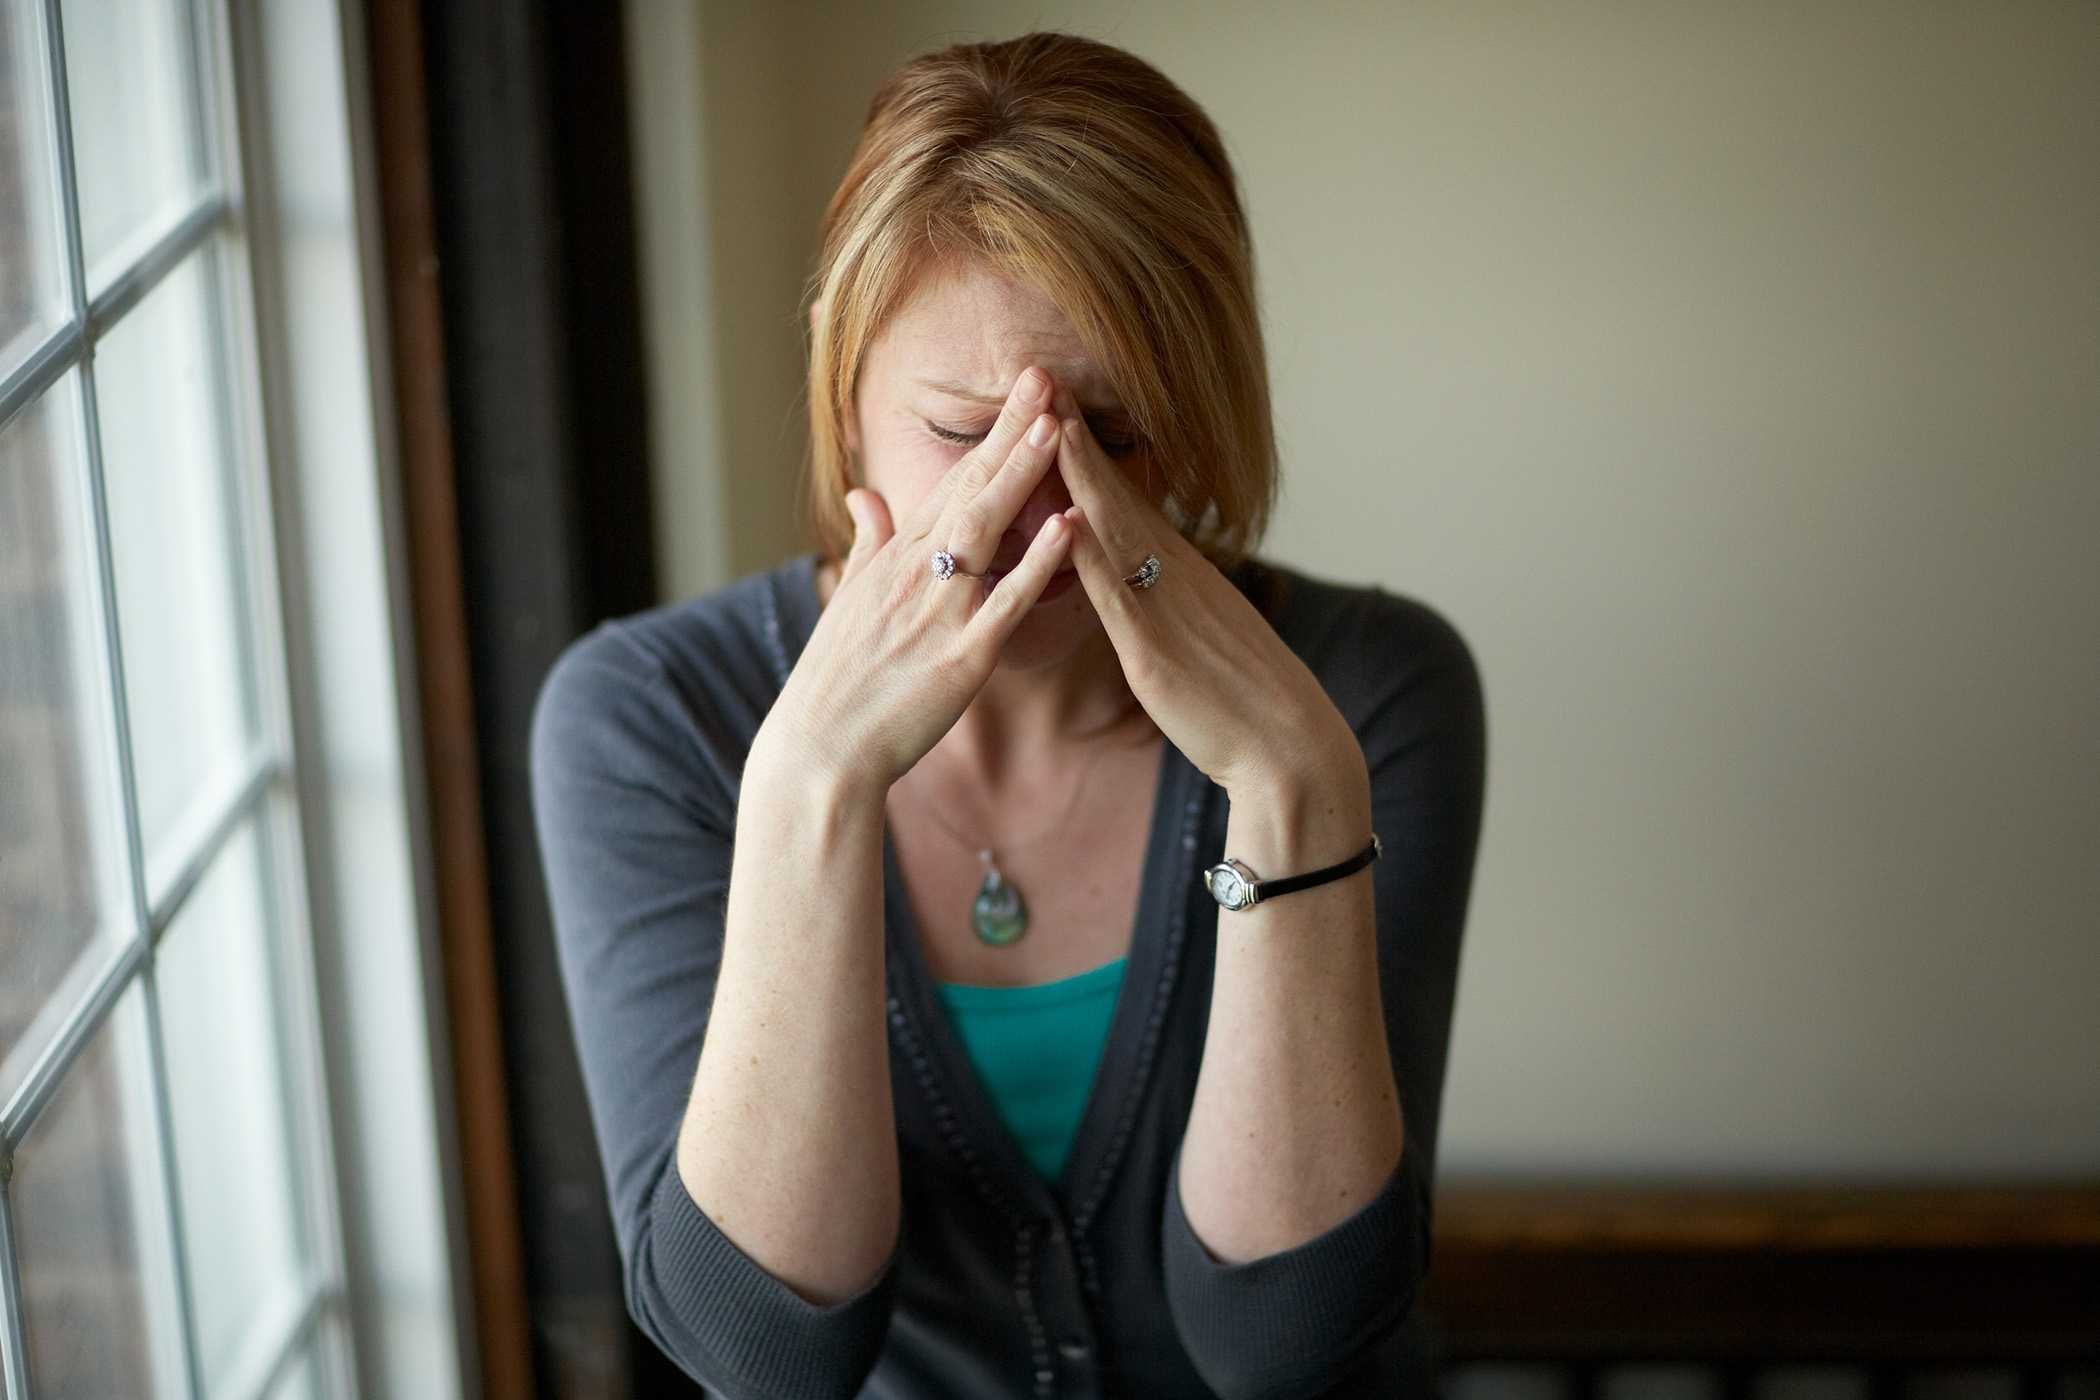 Как лечить неврастению. причины и признаки расстройства, диагностика и лечение неврастении, в том числе, и в домашних условиях